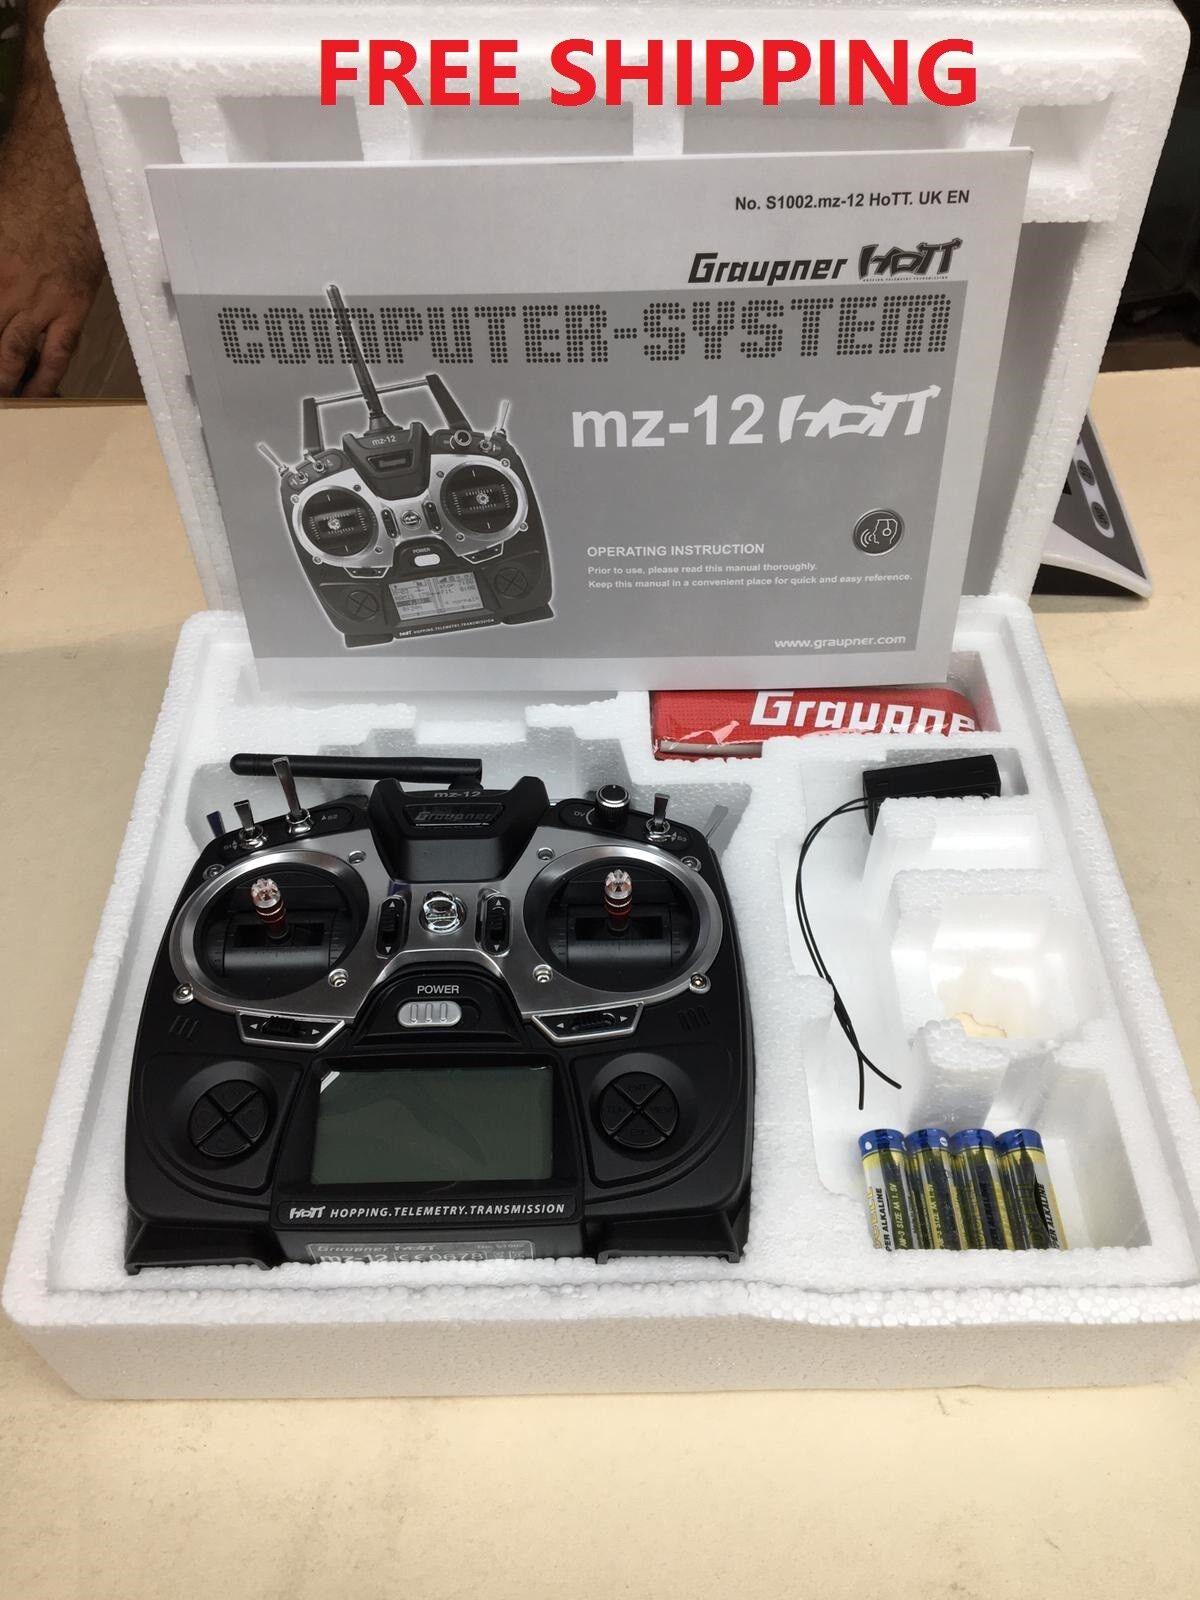 grispner Radio Control mz-12 HoTT 6 canales & Receptor 2.4GHz  Envío Gratis